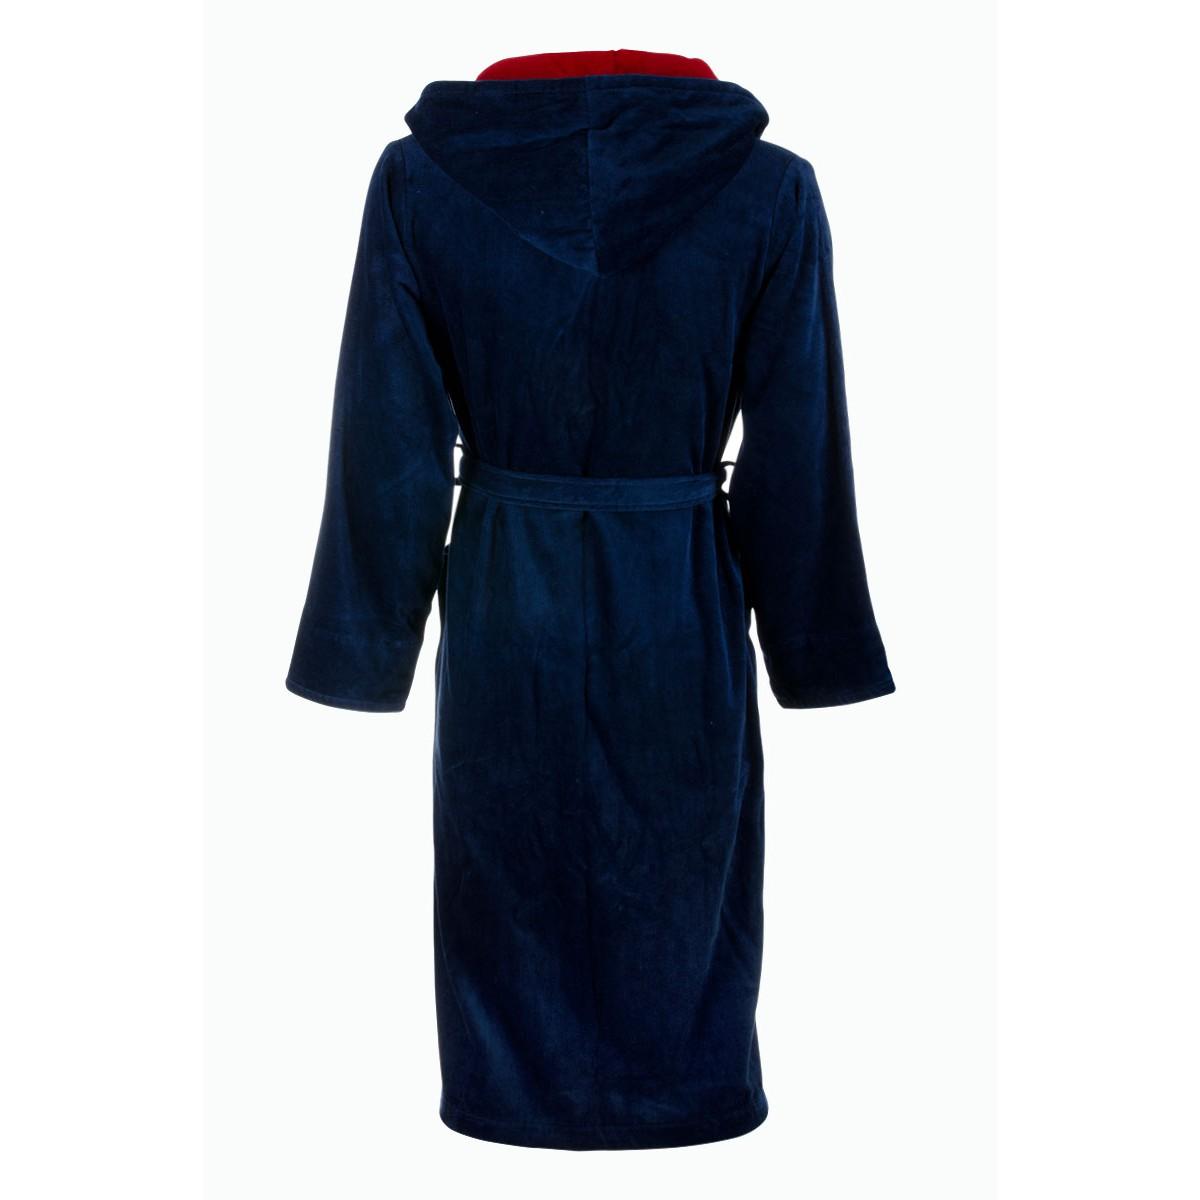 Herenbadjas marineblauw